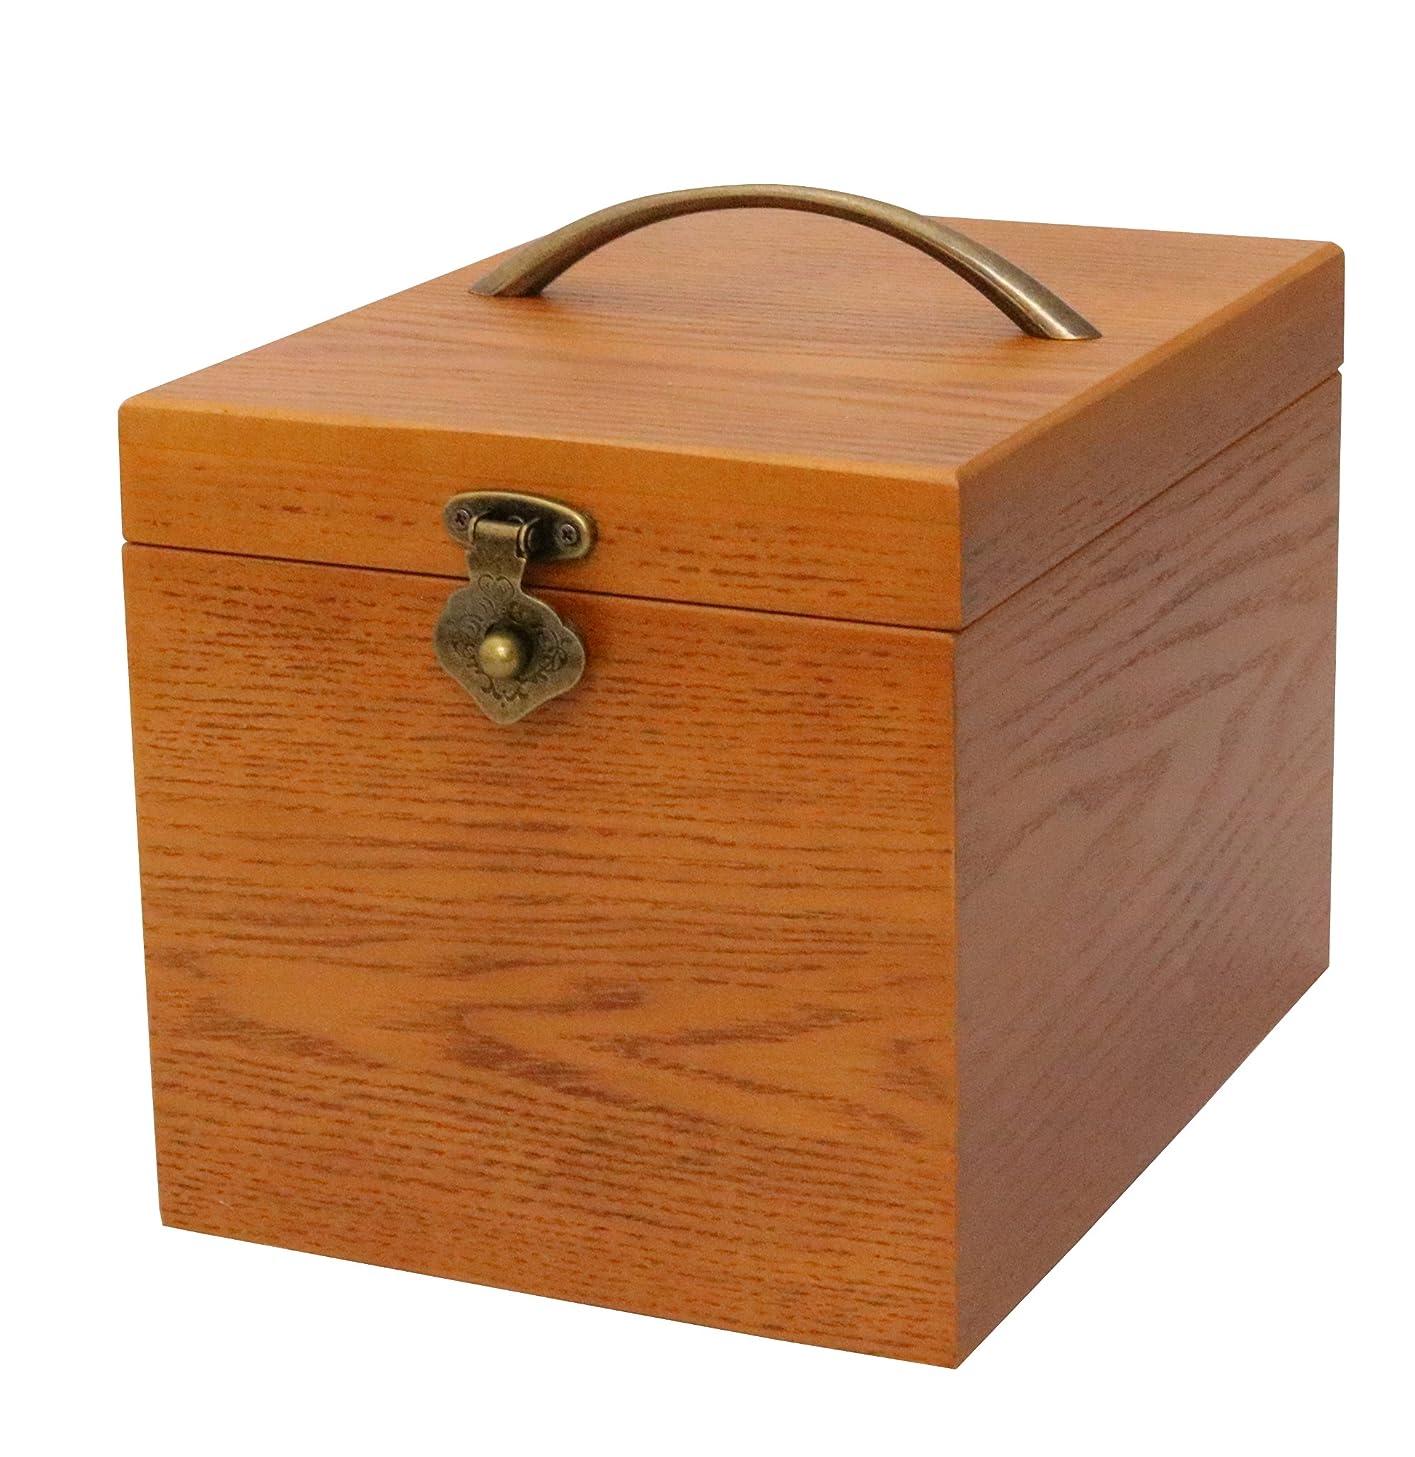 はずカストディアン家庭クレエ 木製 メイクボックス 鏡付き化粧品箱 ブラウン 90900044 18×24×17.5